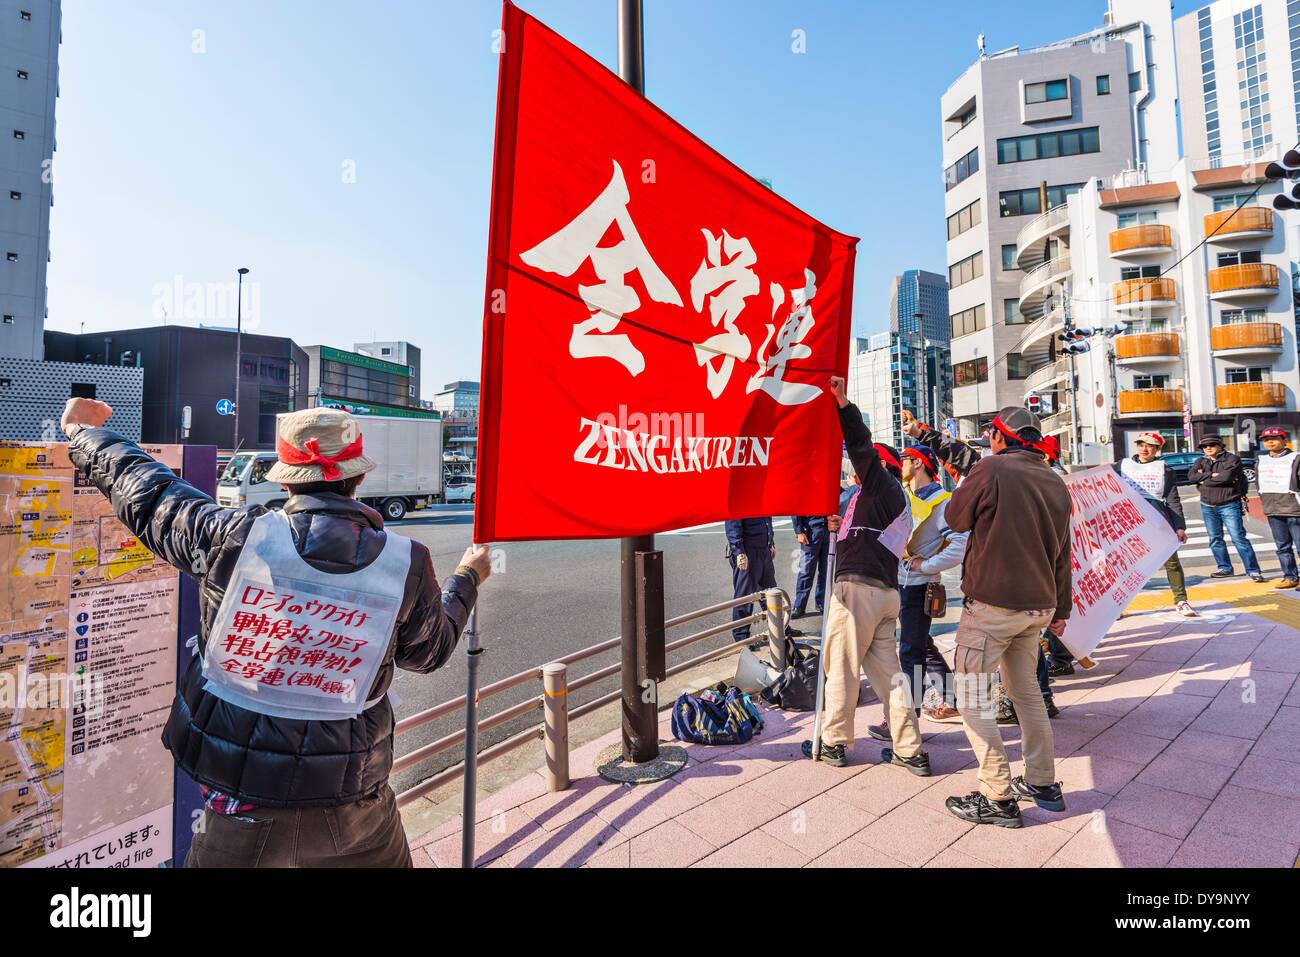 Zengakuren Mitglieder protestieren die Annexion der Krim durch Russland in Tokio, Japan. Stockbild